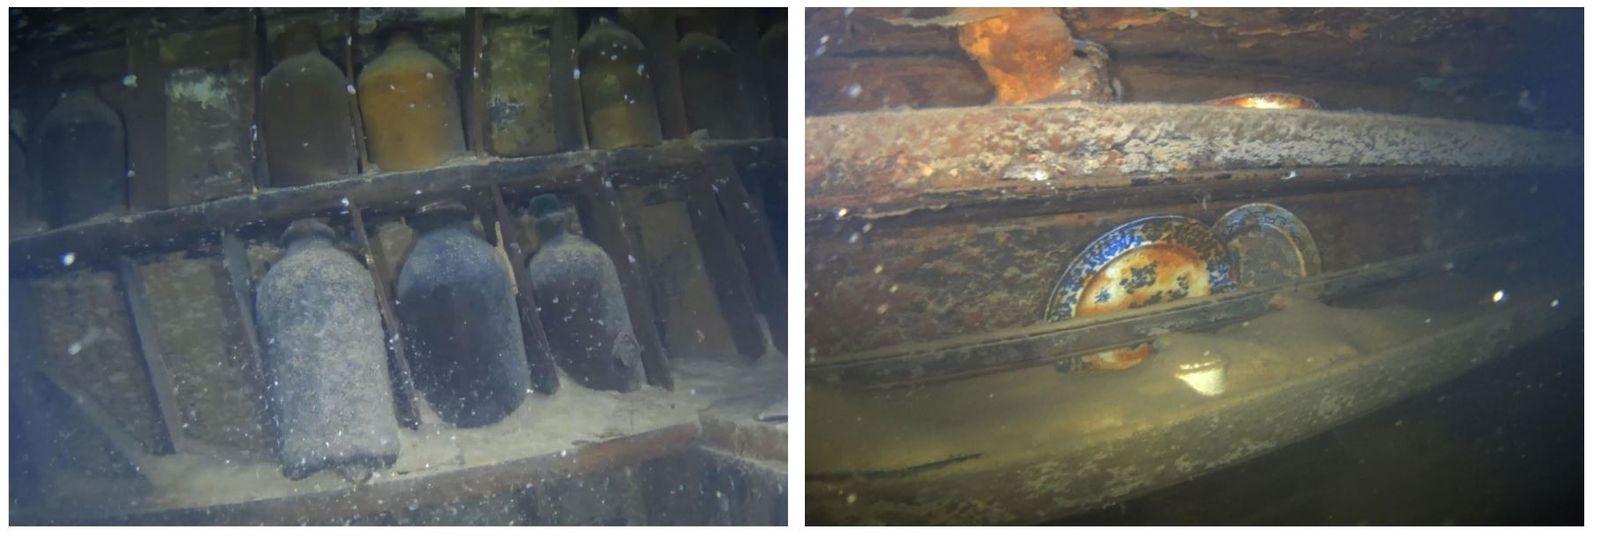 Esquerda: No refeitório dos oficiais, as garrafas de vidro permanecem intactas. O navio parece ter assentado ...